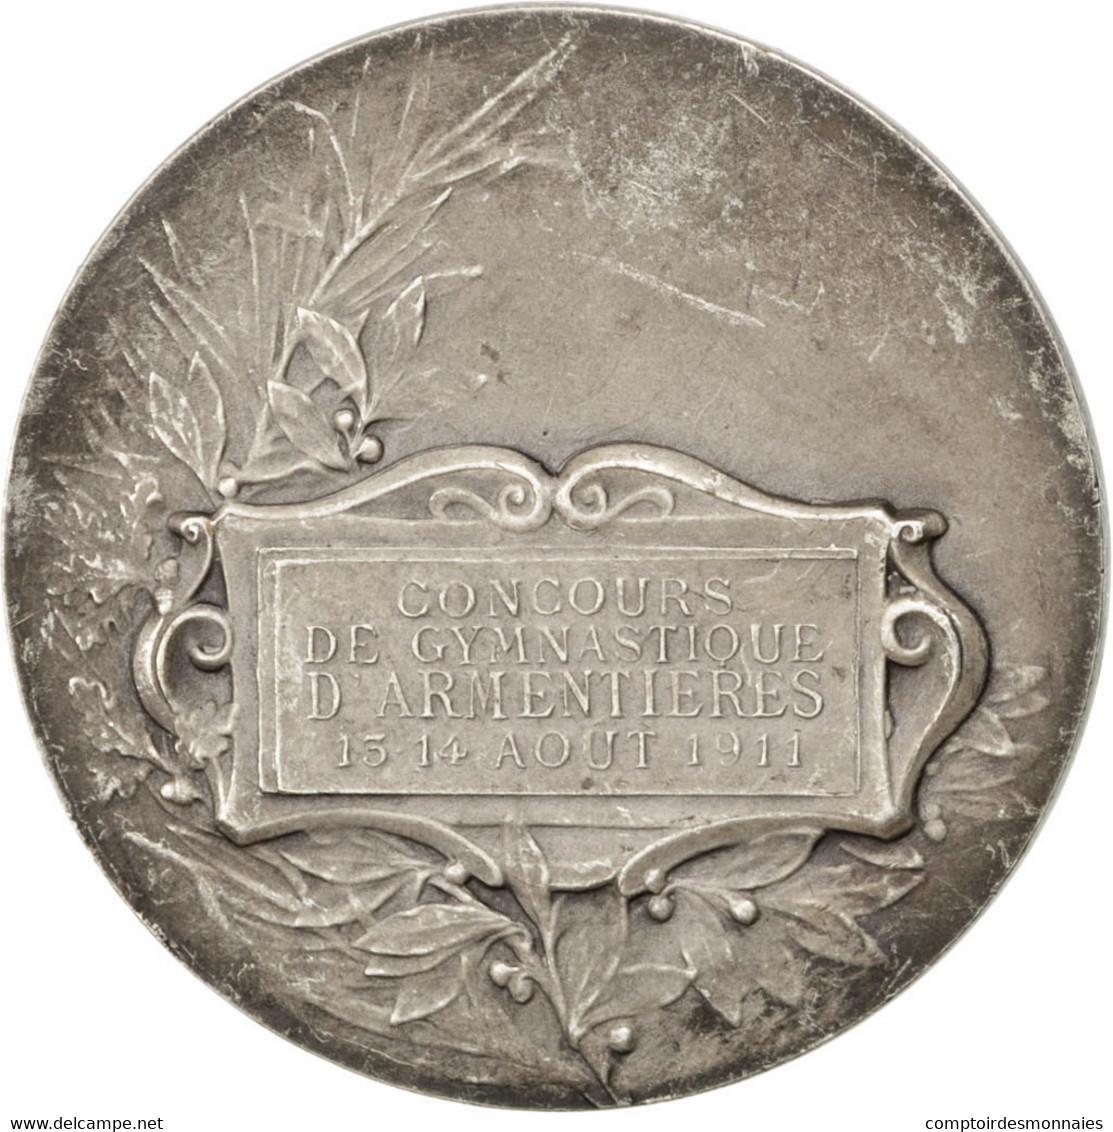 Ville D'Armentières, Médaille, Concours De Gymnastique - France